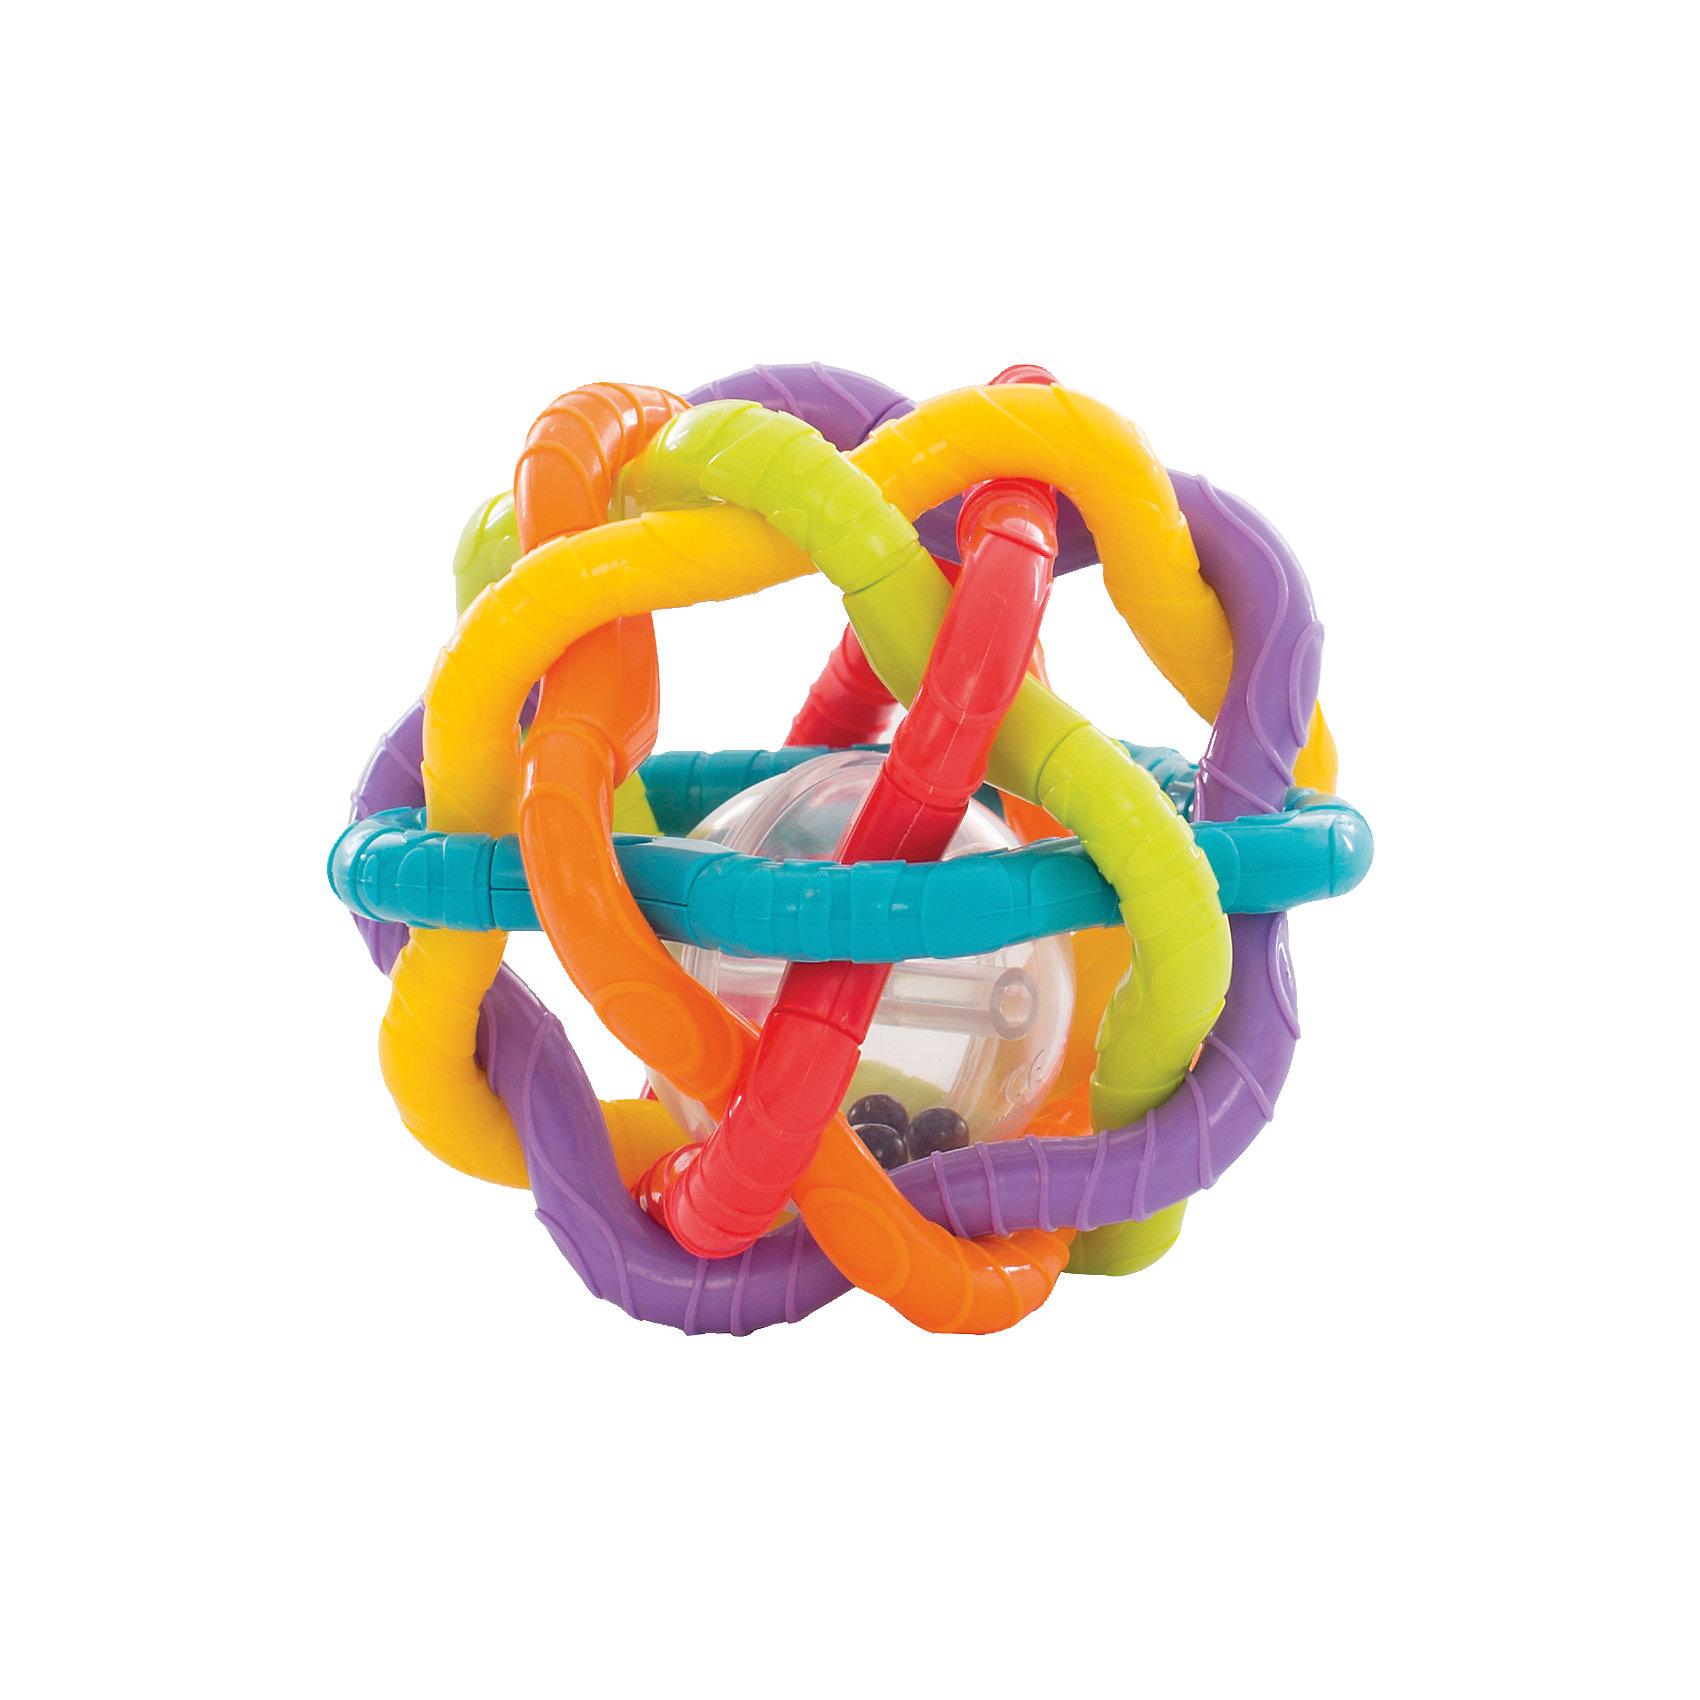 Игрушка-погремушка Шар, PlaygroПогремушки<br>Шар представляет собой переплетение разноцветных пластиковых прутьев с рифленой поверхностью, внутри находится пластиковый мяч с бусинами, которые подскакивают и весело гремят при малейшем движении. Конструкция и размеры шара разработаны с учетом строения маленьких ручек ребенка, малышу удобно взять его в руки, покрутить, покатать по полу, переносить с места на место, как это любят делать маленькие непоседы. Игрушка способствует развитию тактильных ощущений, моторики, когнитивных навыков, осознанию причинно-следственных связей.<br><br>Ширина мм: 172<br>Глубина мм: 159<br>Высота мм: 121<br>Вес г: 233<br>Возраст от месяцев: 6<br>Возраст до месяцев: 24<br>Пол: Унисекс<br>Возраст: Детский<br>SKU: 4440498